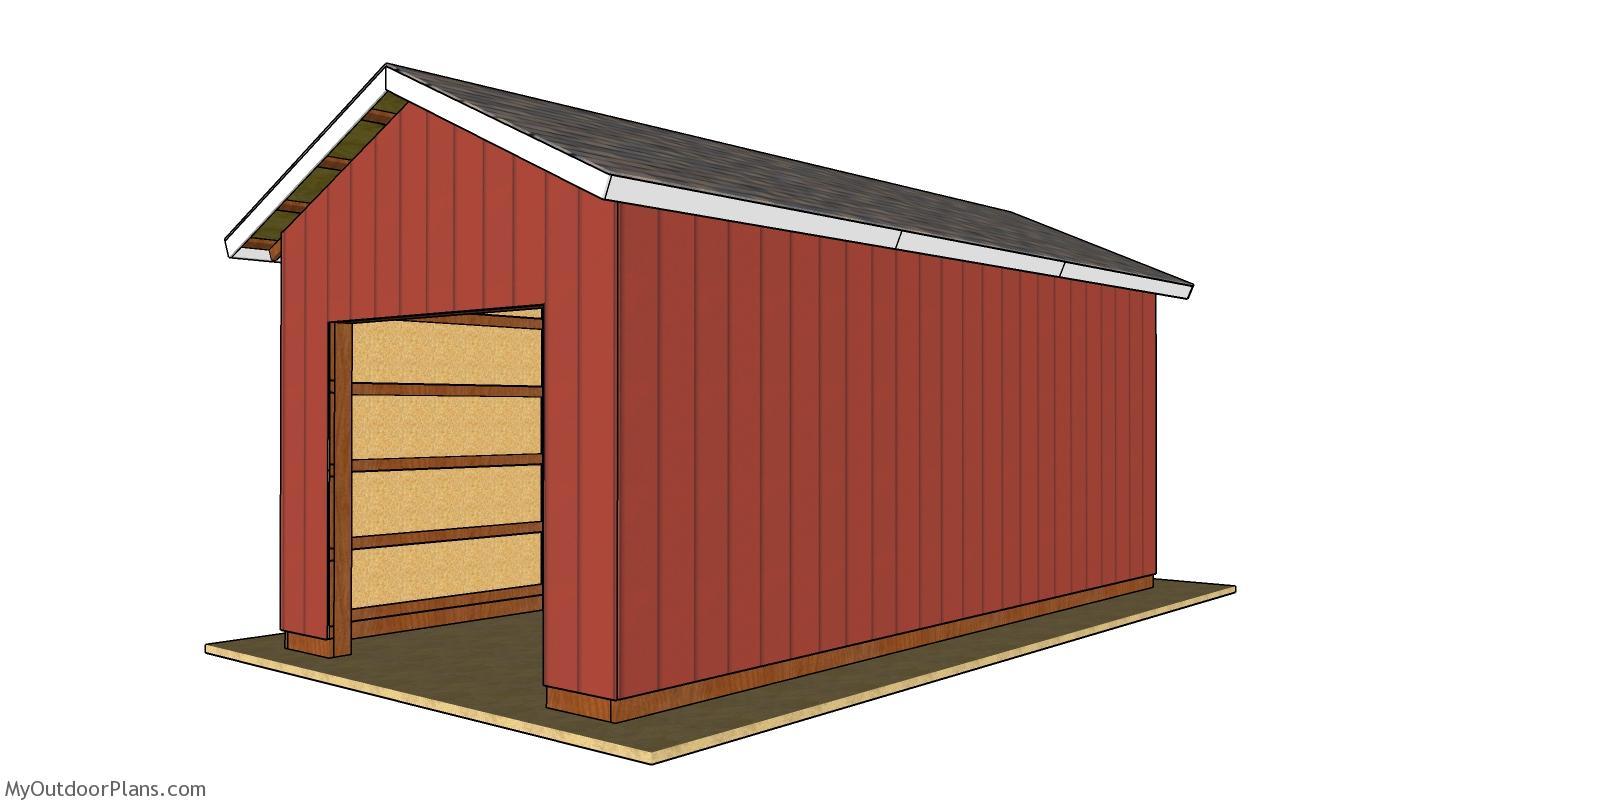 12x24 Pole Barn Plans - Free PDF Download